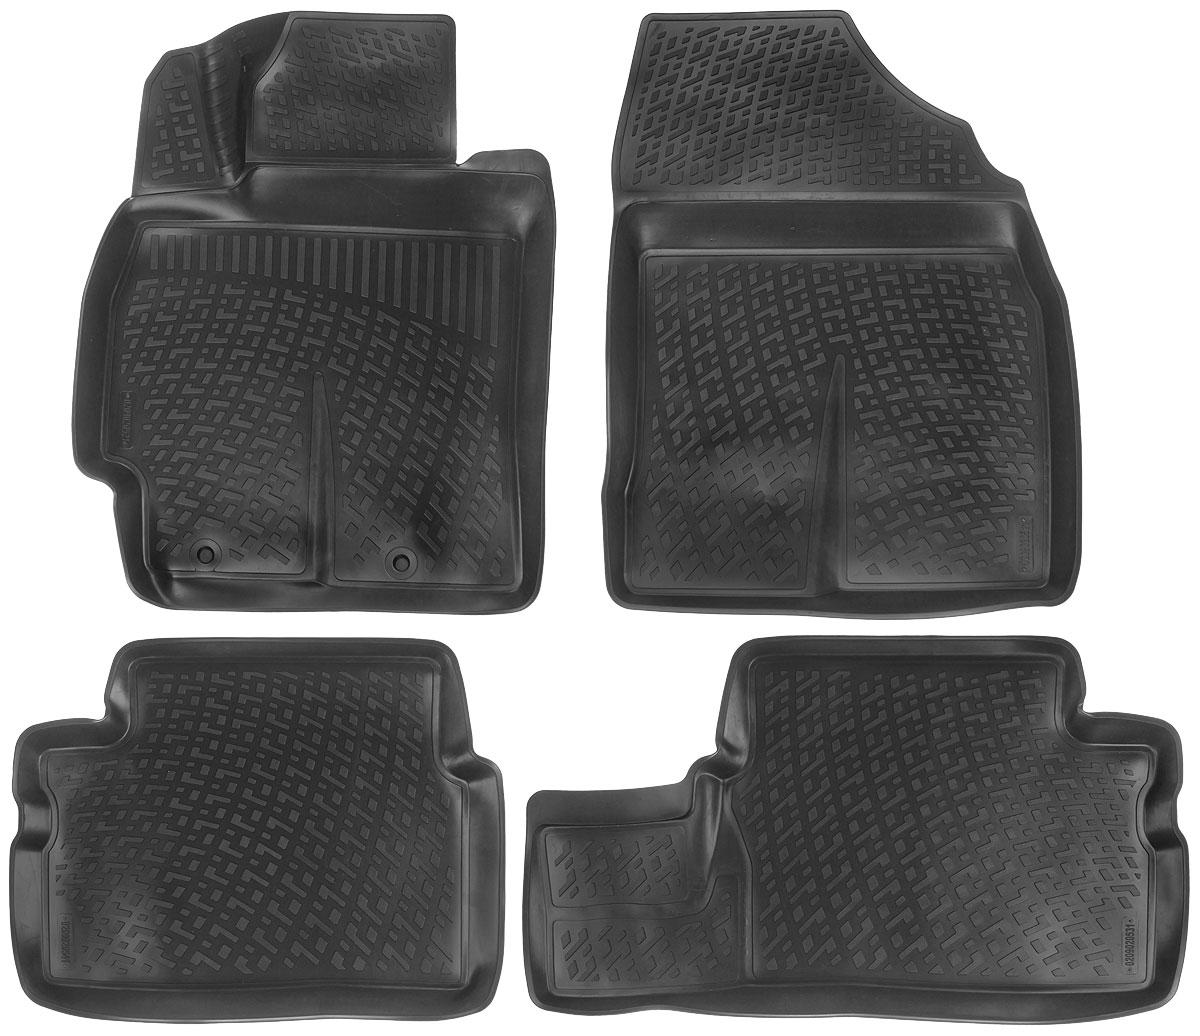 Набор автомобильных ковриков L.Locker Toyota Corolla/Auris 2007, в салон, 4 шт0209020501Набор L.Locker Toyota Corolla/Auris 2007, изготовленный из полиуретана, состоит из 4 антискользящих 3D ковриков, которые производятся индивидуально для каждой модели автомобиля. Изделие точно повторяет геометрию пола автомобиля, имеет высокий борт, обладает повышенной износоустойчивостью, лишено резкого запаха и сохраняет свои потребительские свойства в широком диапазоне температур от -50°С до +50°С. Набор подходит для автомобилей с 2007 года выпуска. Комплектация: 4 шт. Размер ковриков: 73 см х 58 см; 60 см х 46 см; 80 см х 46 см; 74 см х 57 см.